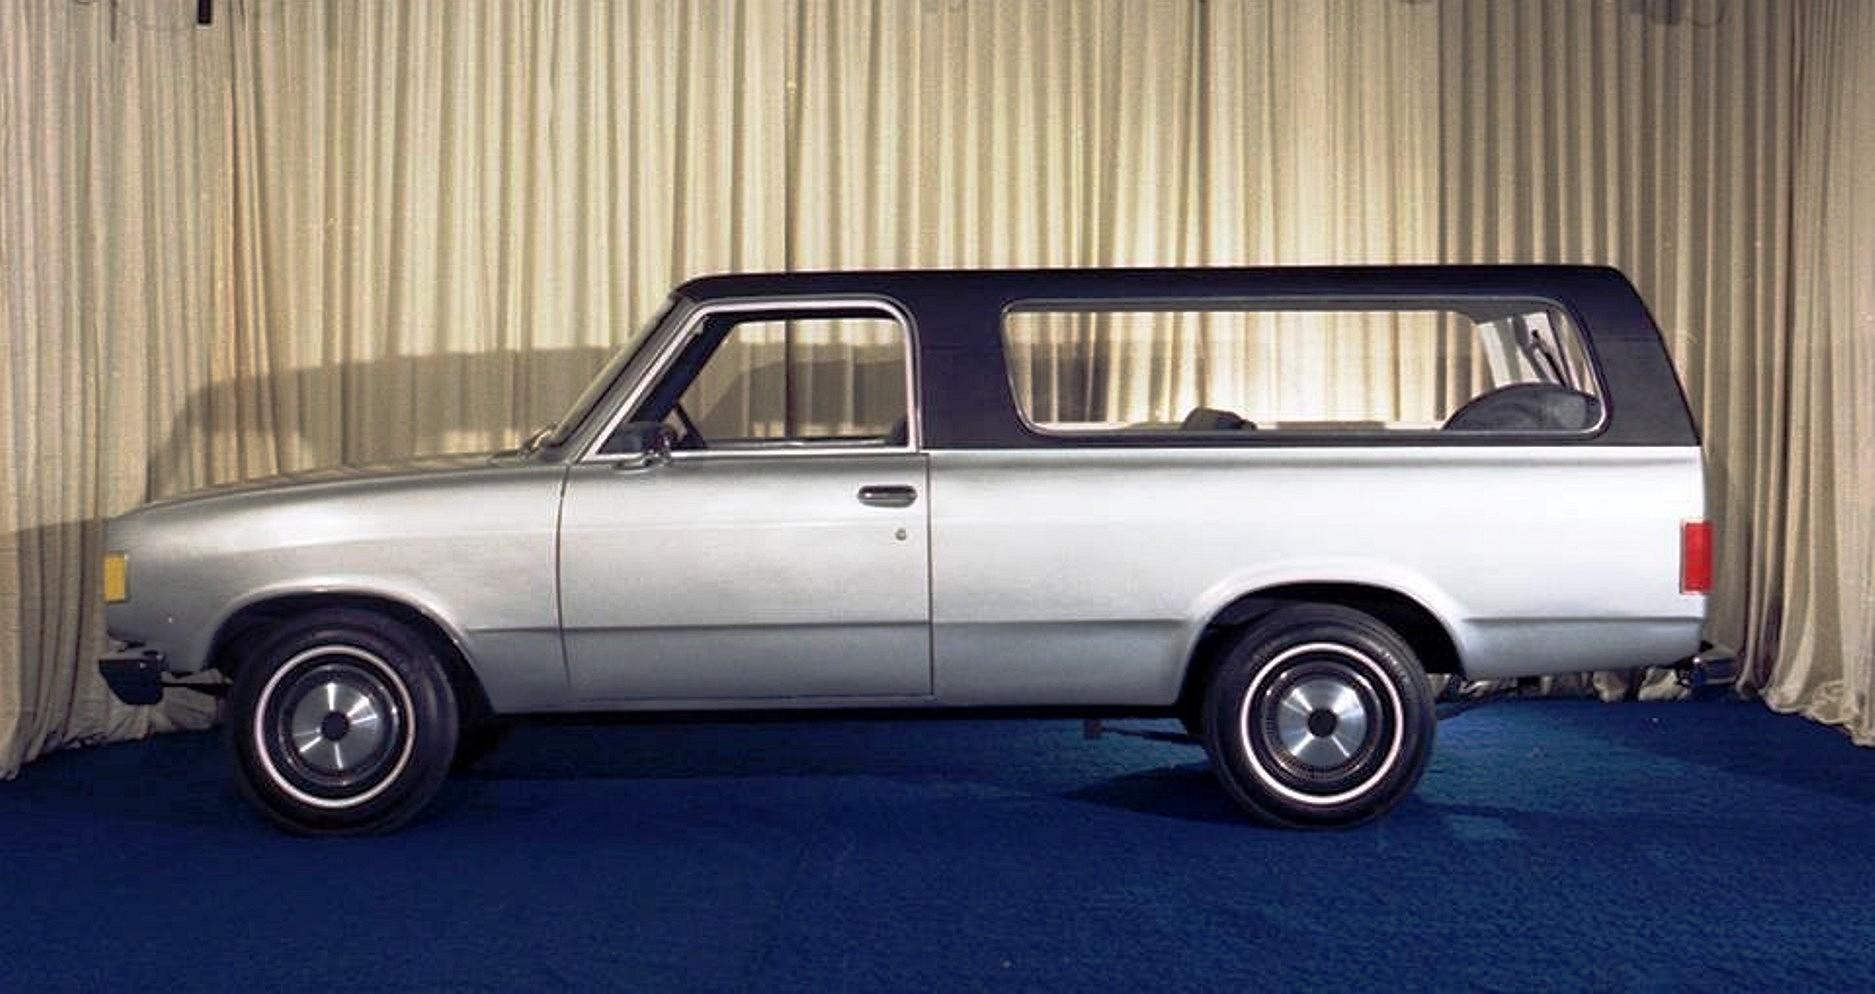 Blazer chevy blazer 2001 : Chevrolet Blazer Protorypes